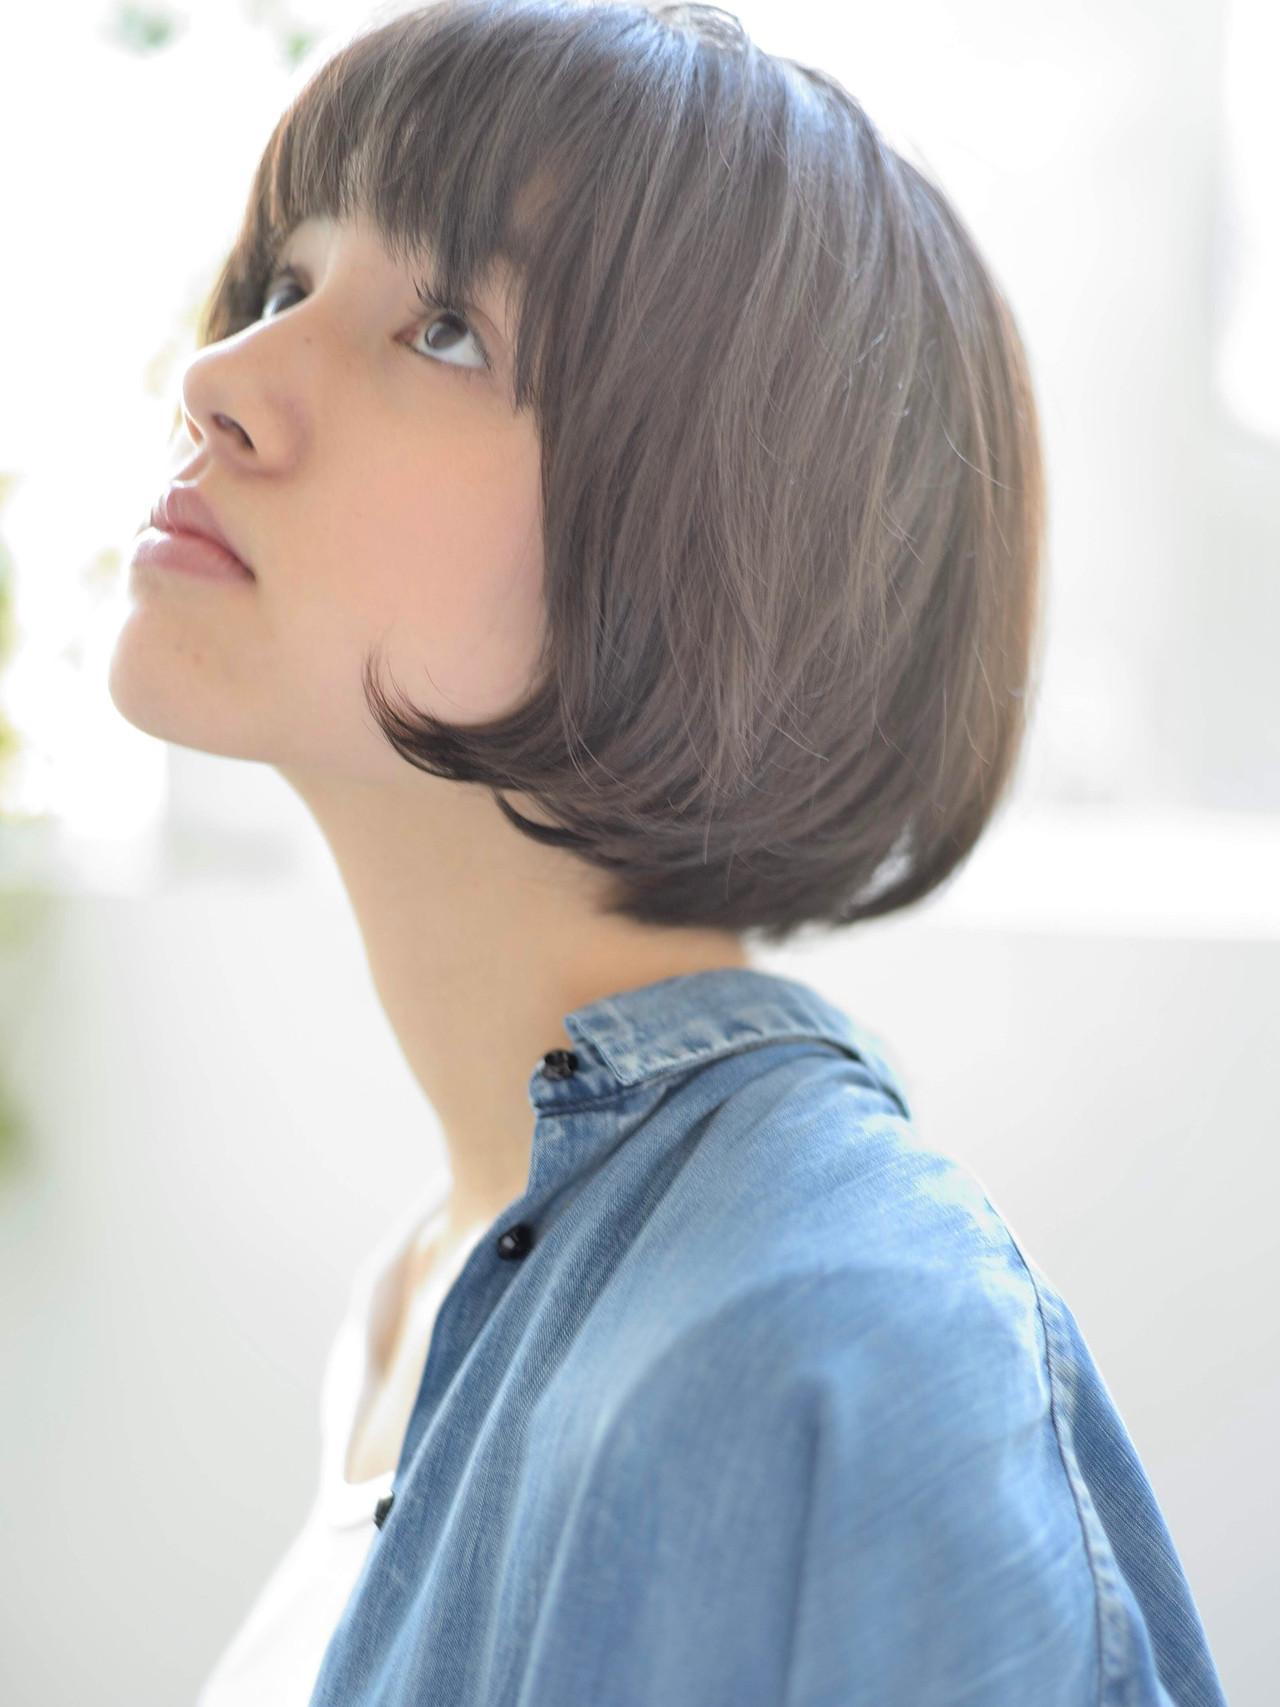 ショートヘア ショートマッシュ ナチュラル ショート ヘアスタイルや髪型の写真・画像